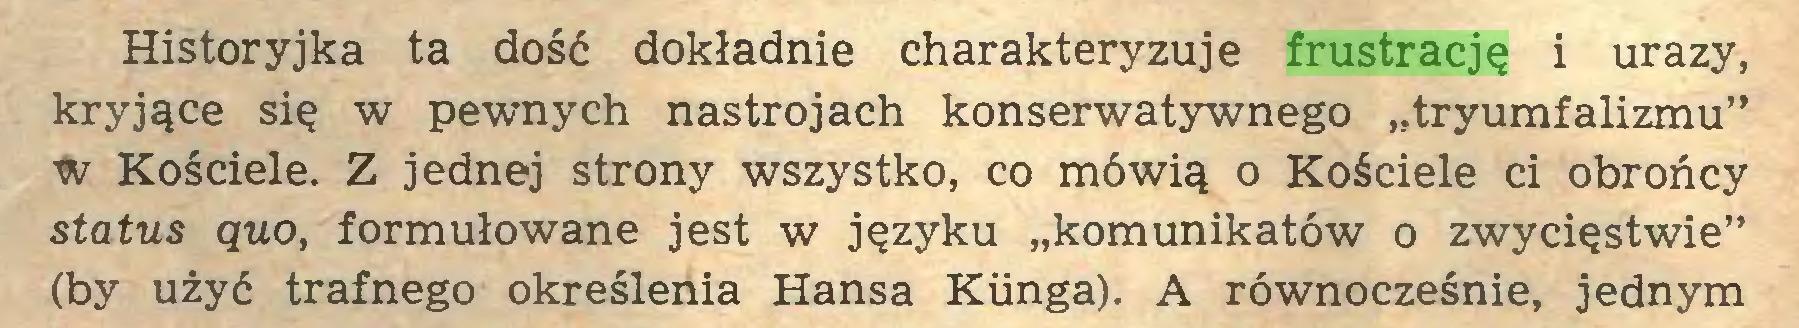 """(...) Historyjka ta dość dokładnie charakteryzuje frustrację i urazy, kryjące się w pewnych nastrojach konserwatywnego """"tryumfalizmu"""" Kościele. Z jednej strony wszystko, co mówią o Kościele ci obrońcy status quo, formułowane jest w języku """"komunikatów o zwycięstwie"""" (by użyć trafnego określenia Hansa Kiinga). A równocześnie, jednym..."""